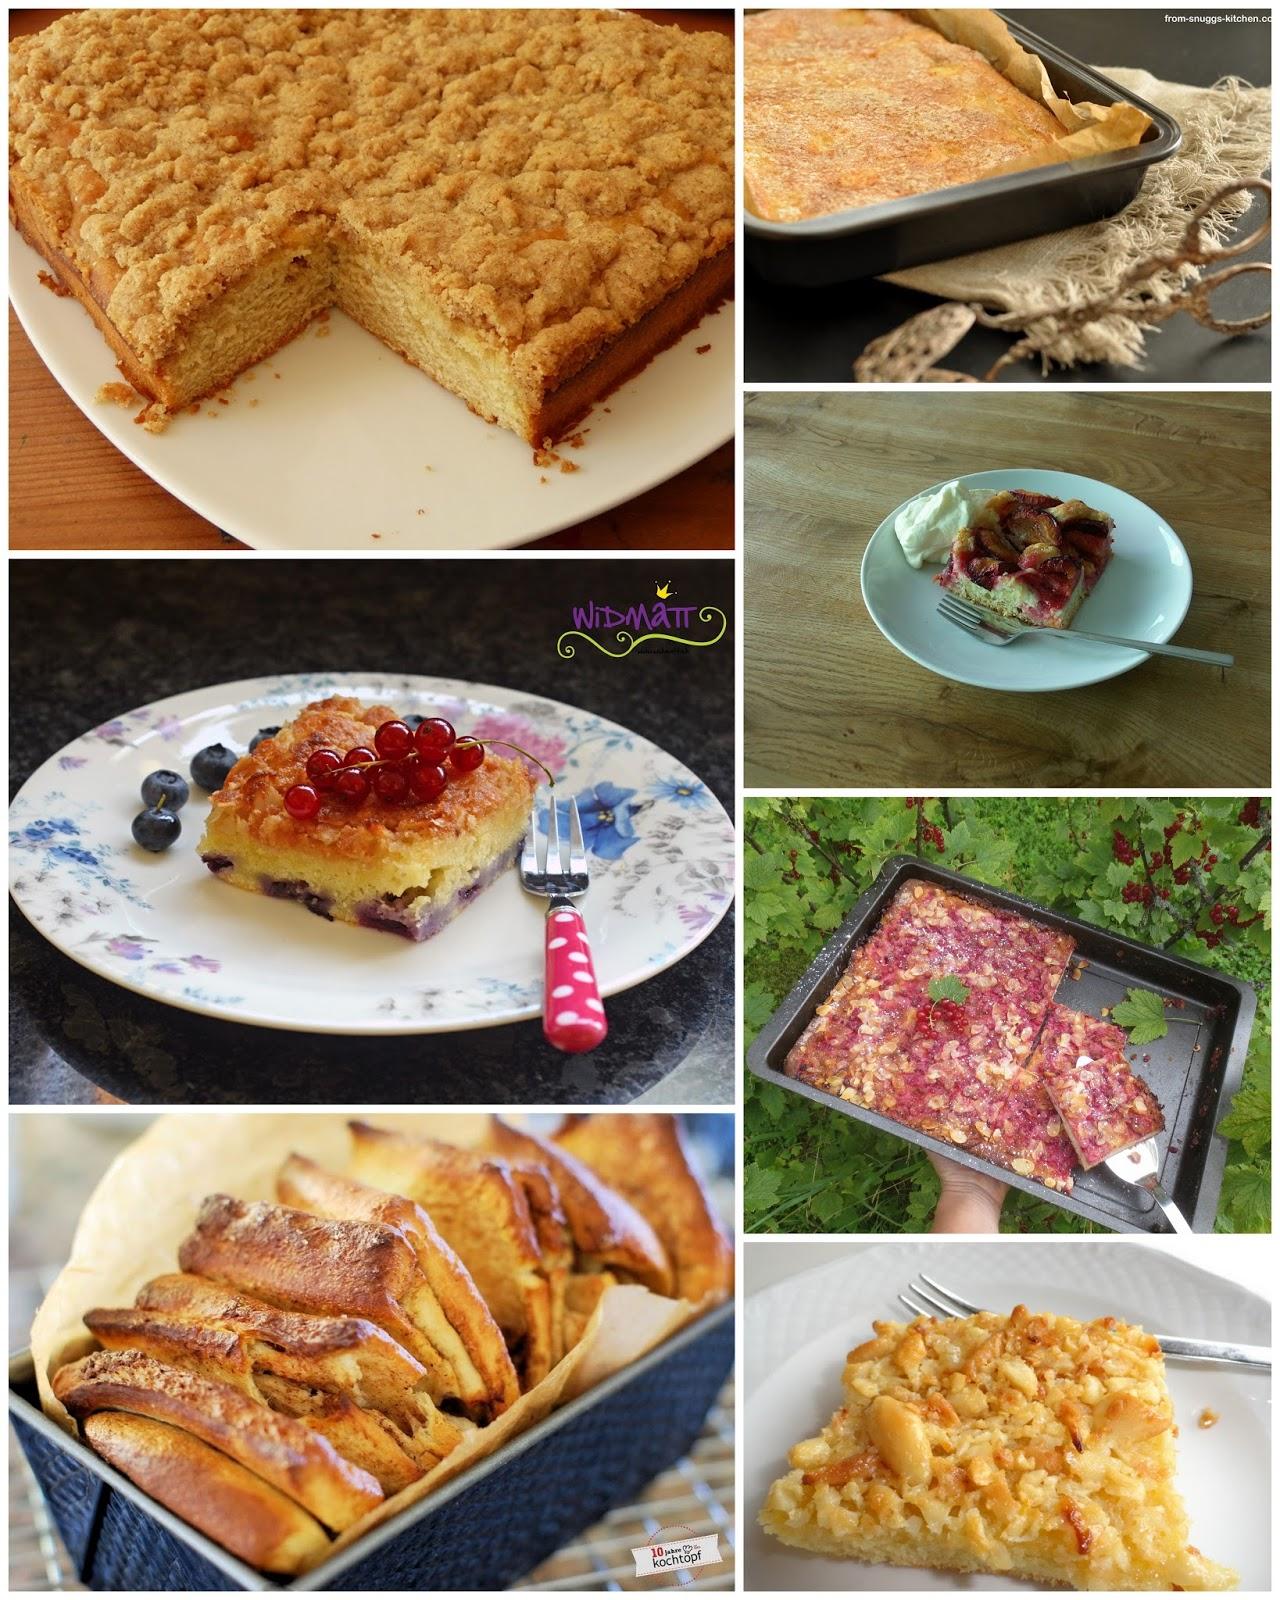 Wir retten was zu retten ist: Butterkuchen - Collage von Sandra fromsnuggskitchen